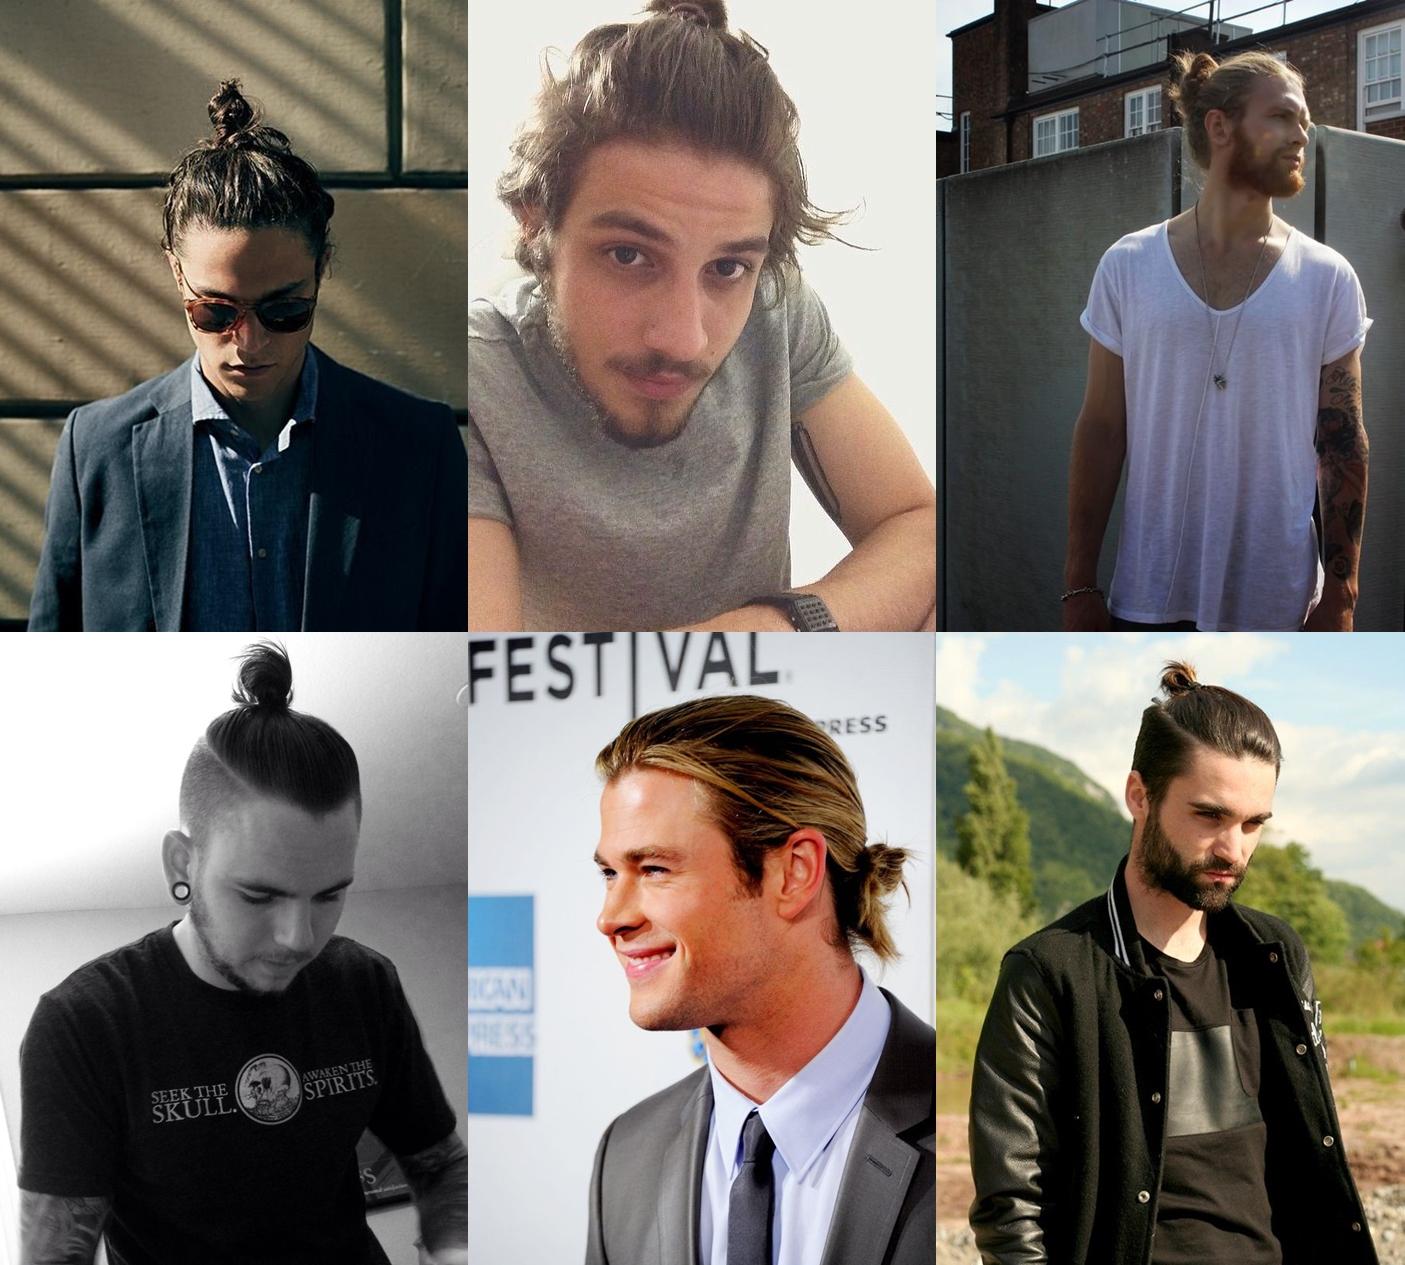 coque masculino, cabelo masculino, corte masculino, estilo masculino, moda masculina, alex cursino, moda sem censura, blog de moda masculina, fashion blogger, blogger, 3